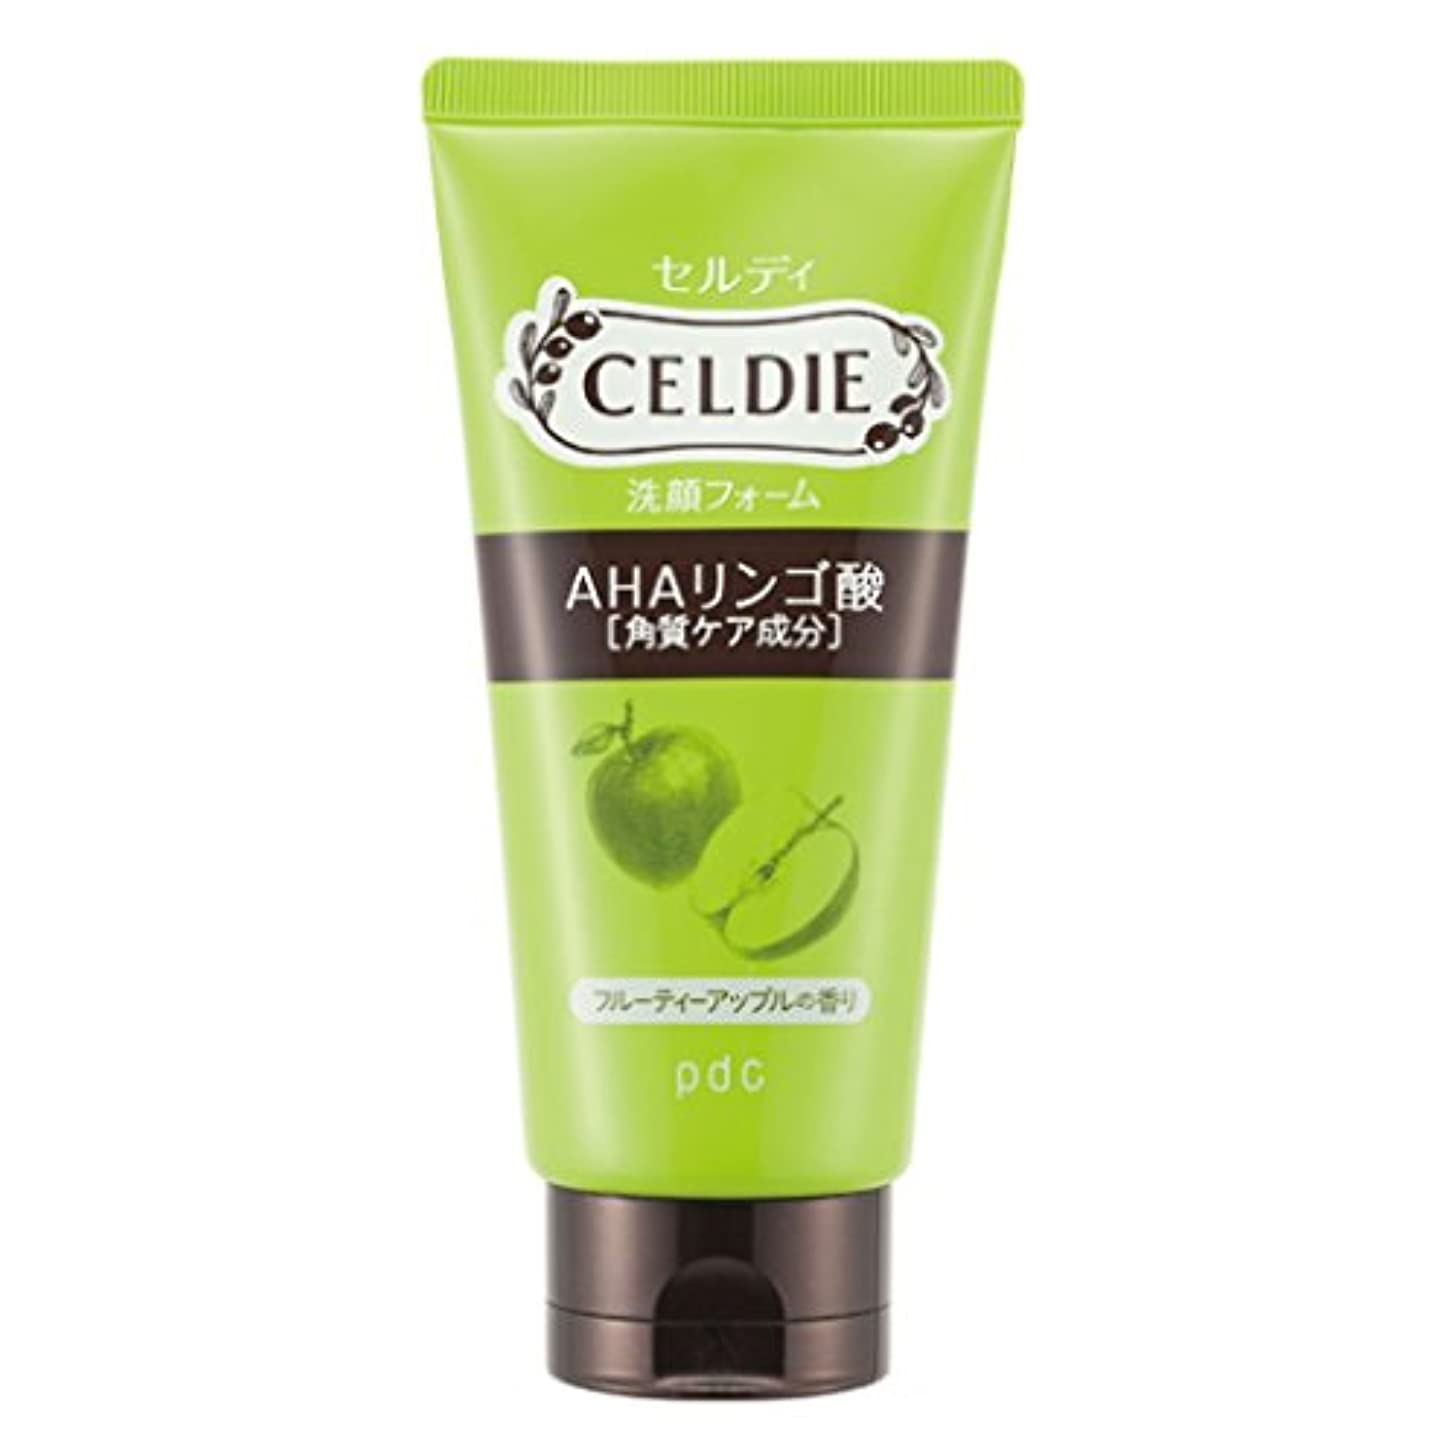 掻く毒アーサーCELDIE(セルディ) 美肌洗顔 AHA 120g